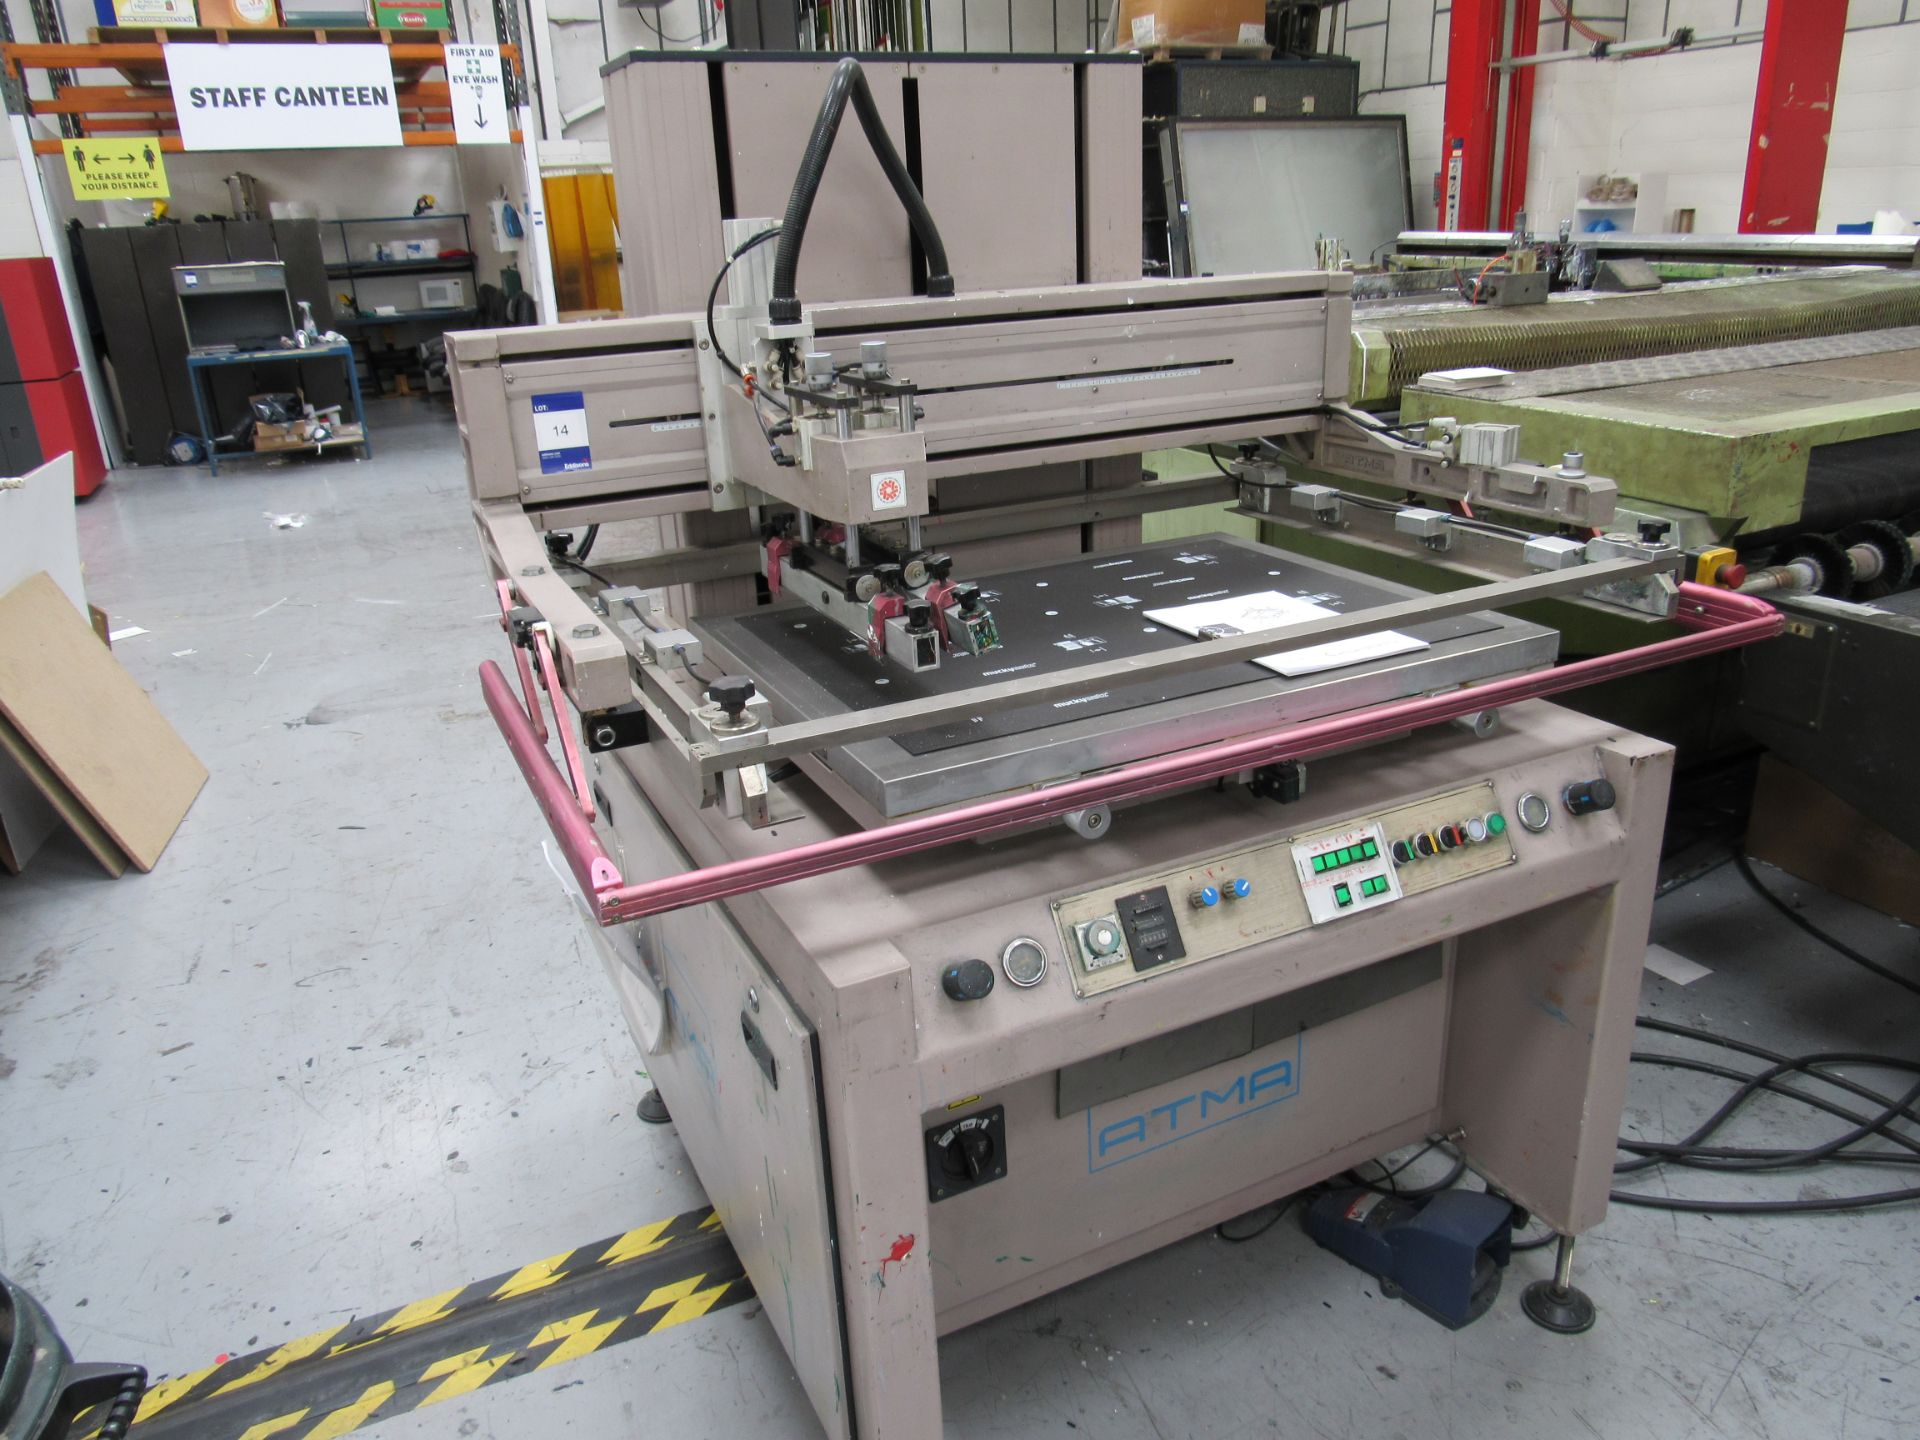 ATMA AT-80P Screen Printer 700x900mm, Serial Number 950301502 - Image 7 of 7